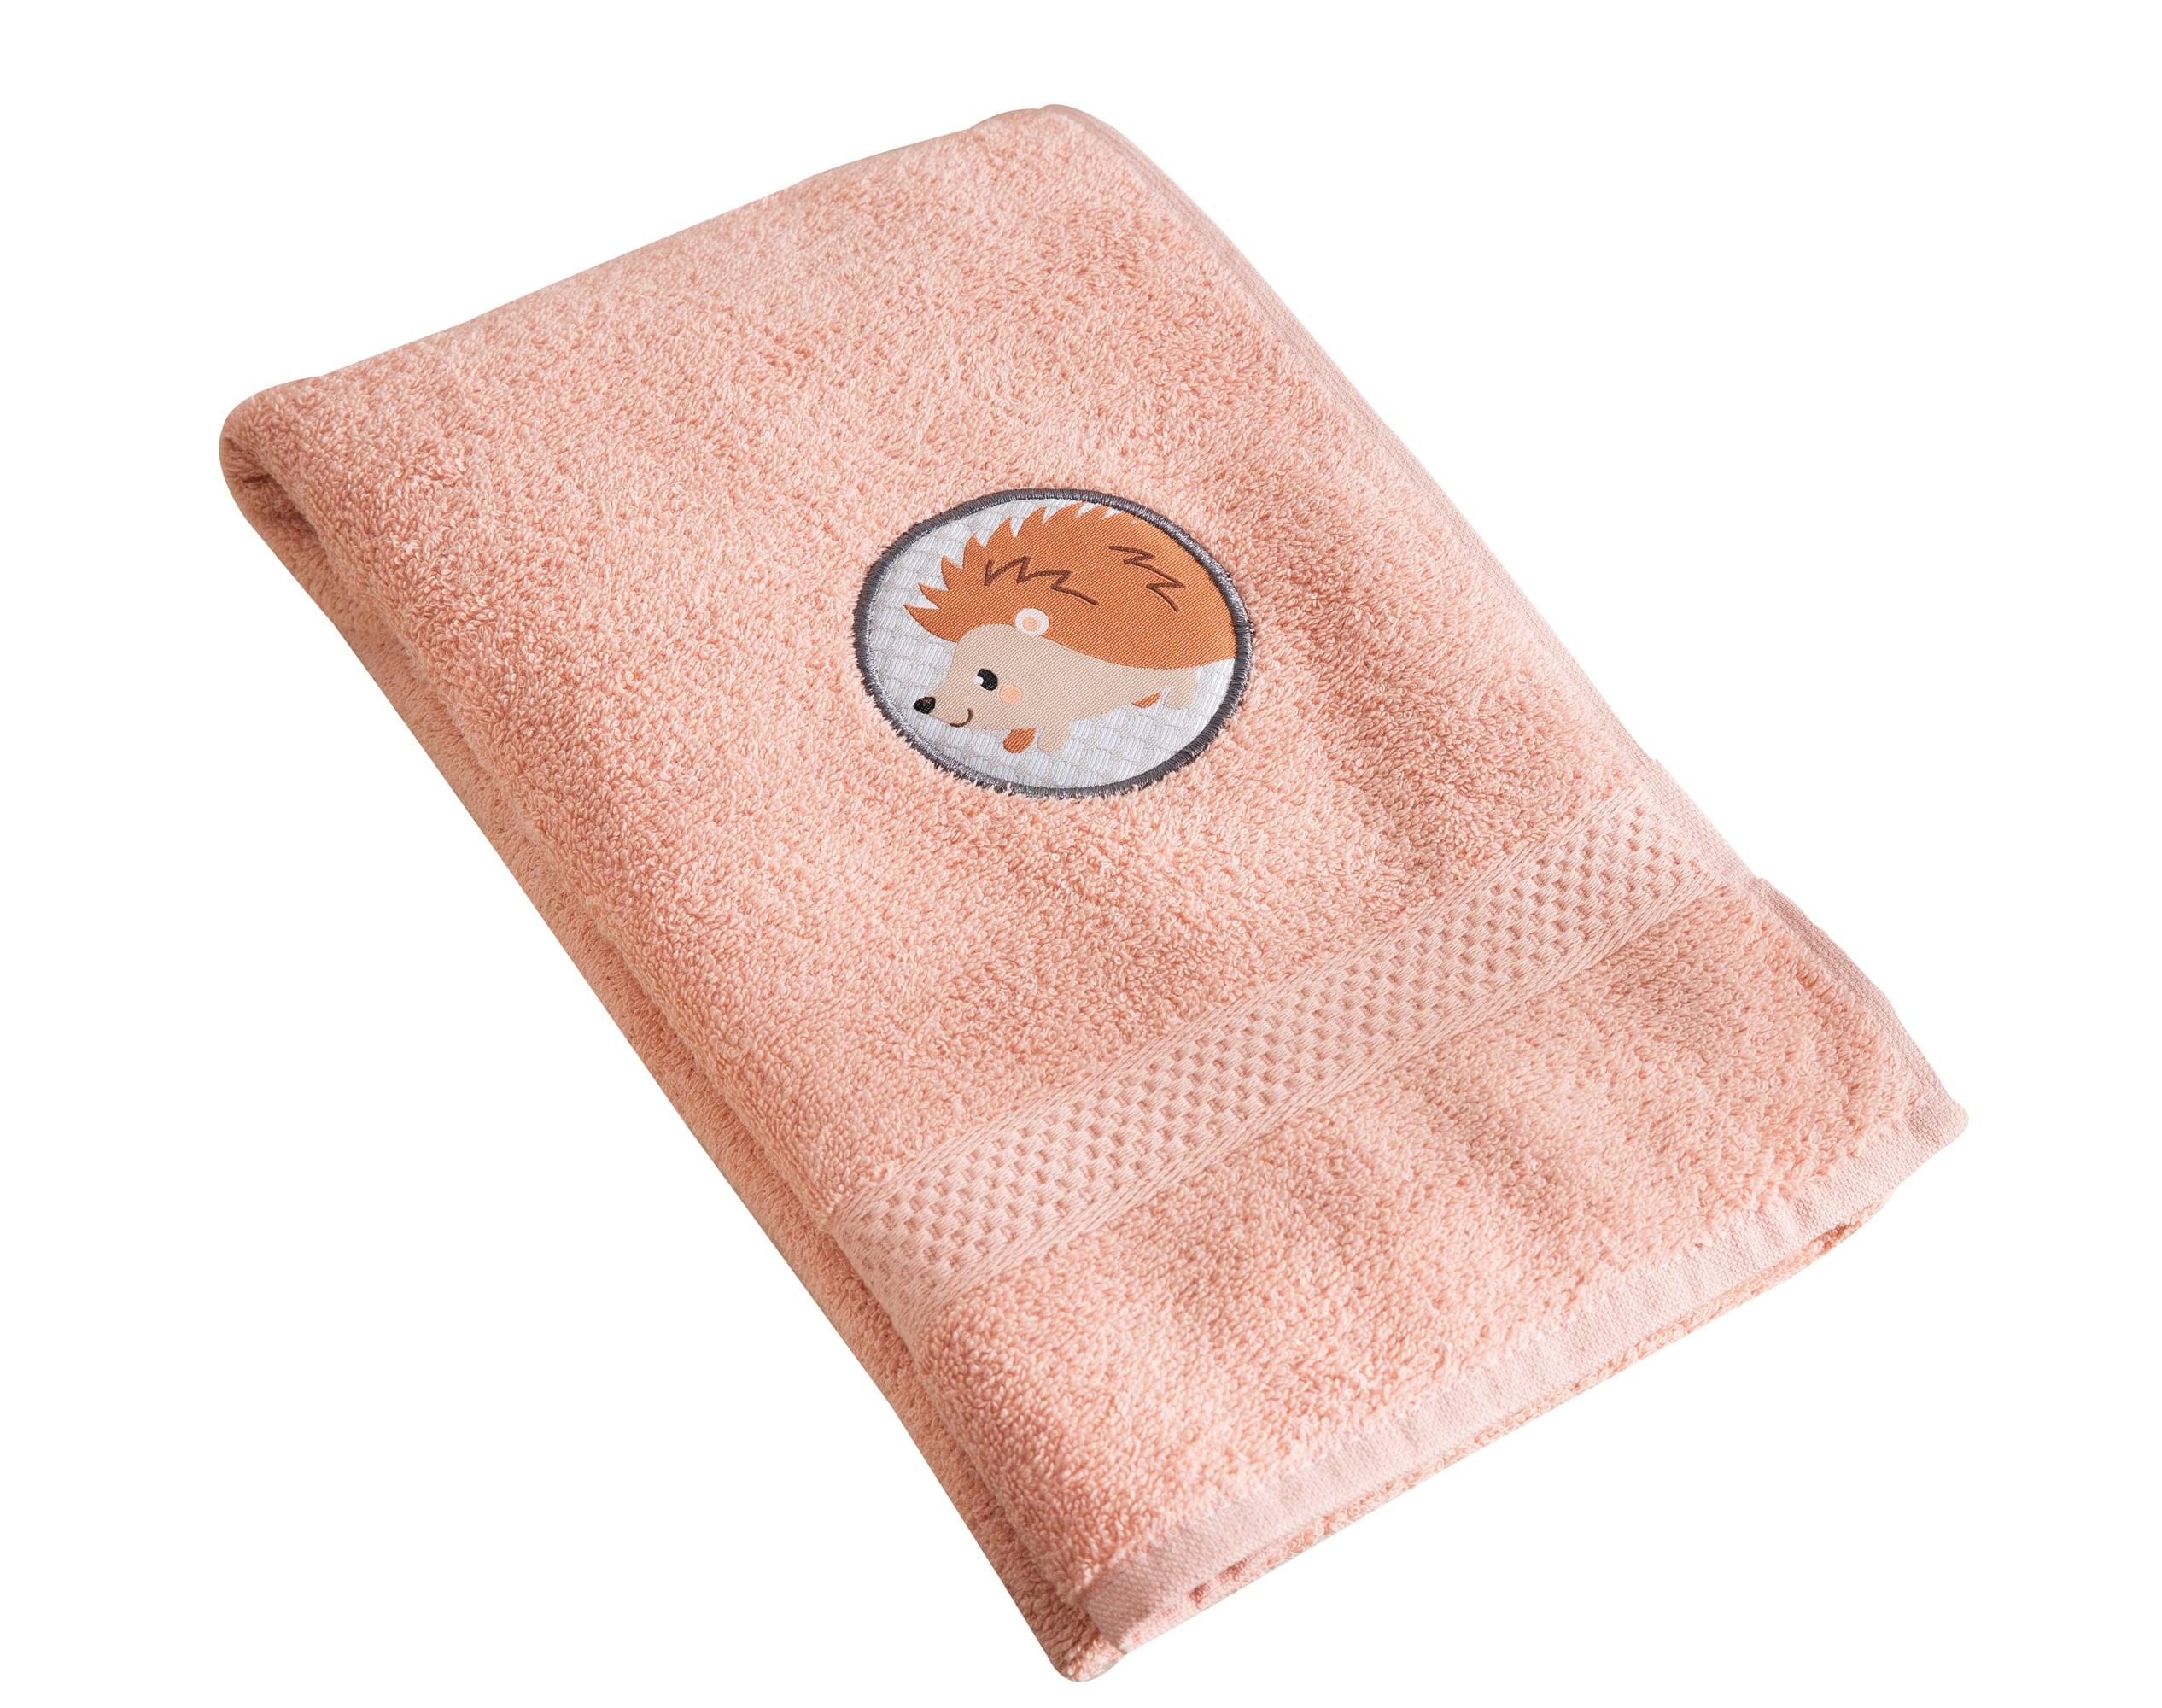 Serviette de bain enfant rose 70x130 en coton